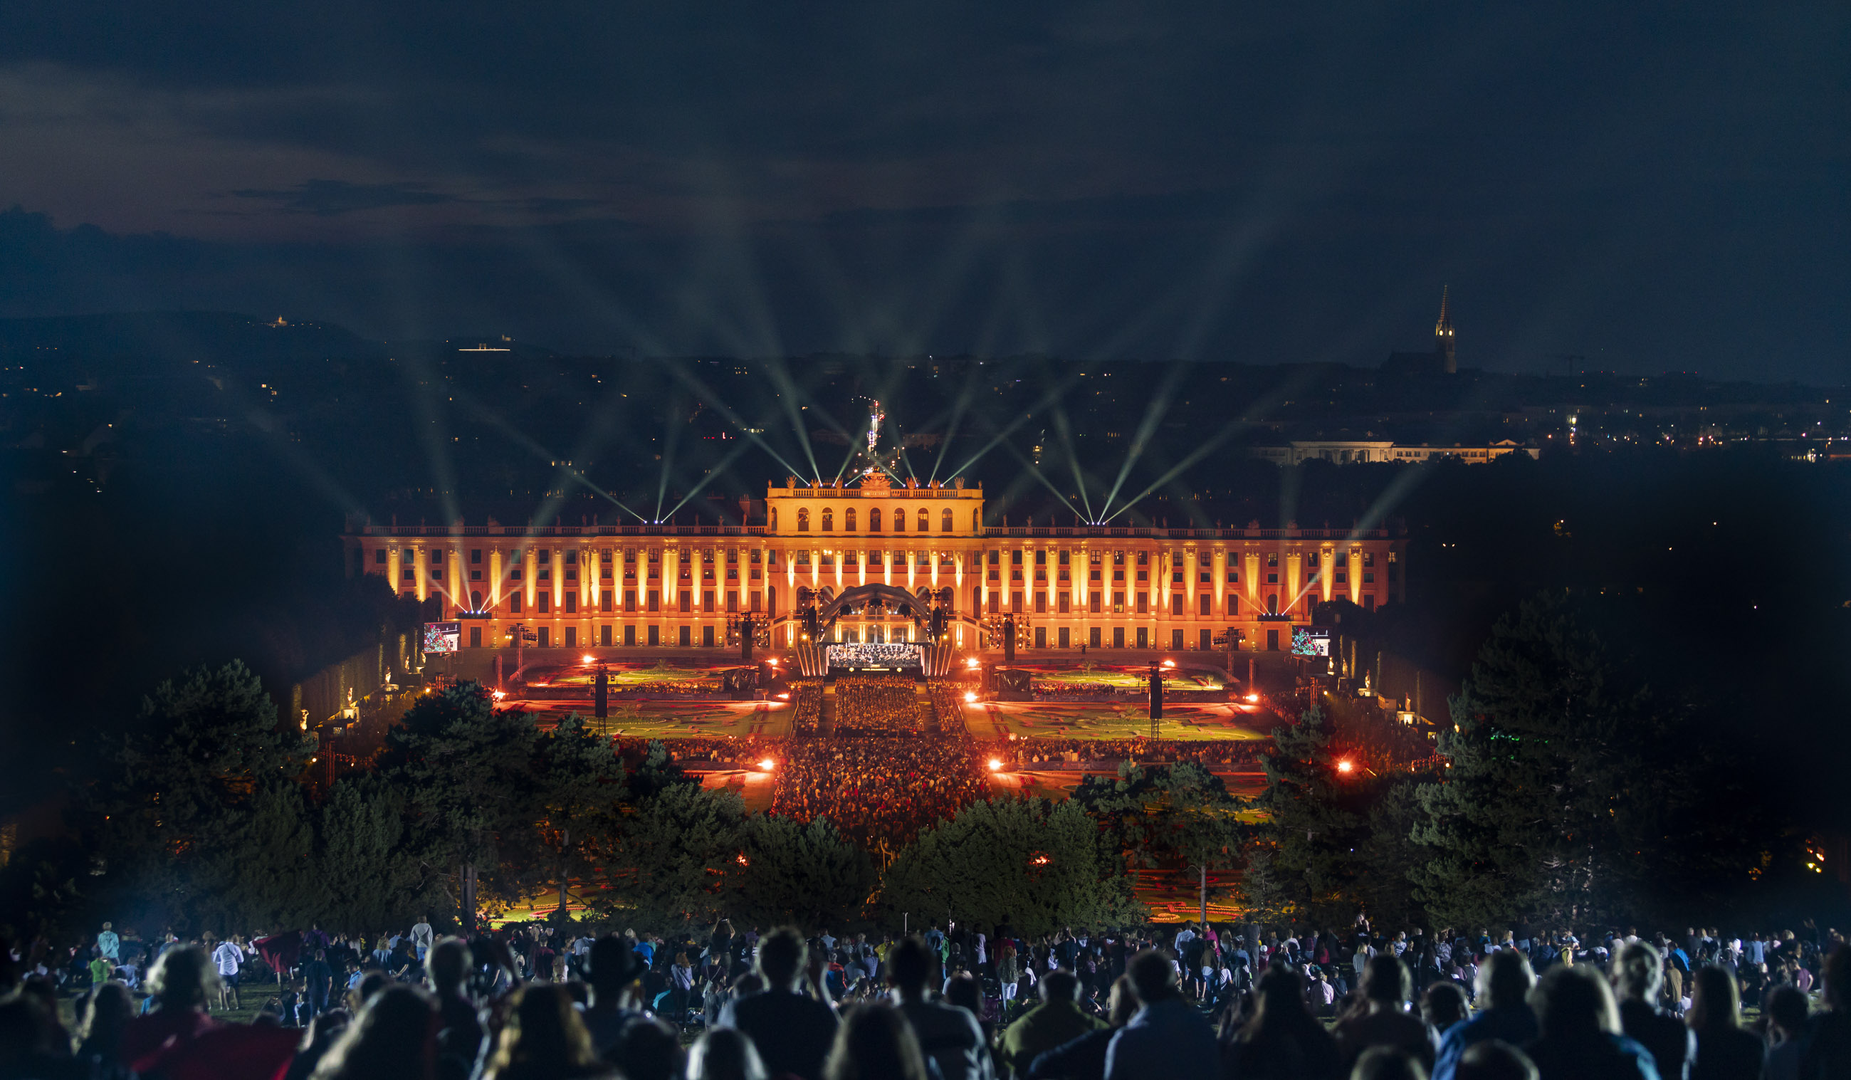 Trotz aller Showlicht-Elemente, ging es natürlich in erster Linie noch immer darum, das große Klassikorchester auf der Bühne nach allen Regeln der Kunst auszuleuchten.